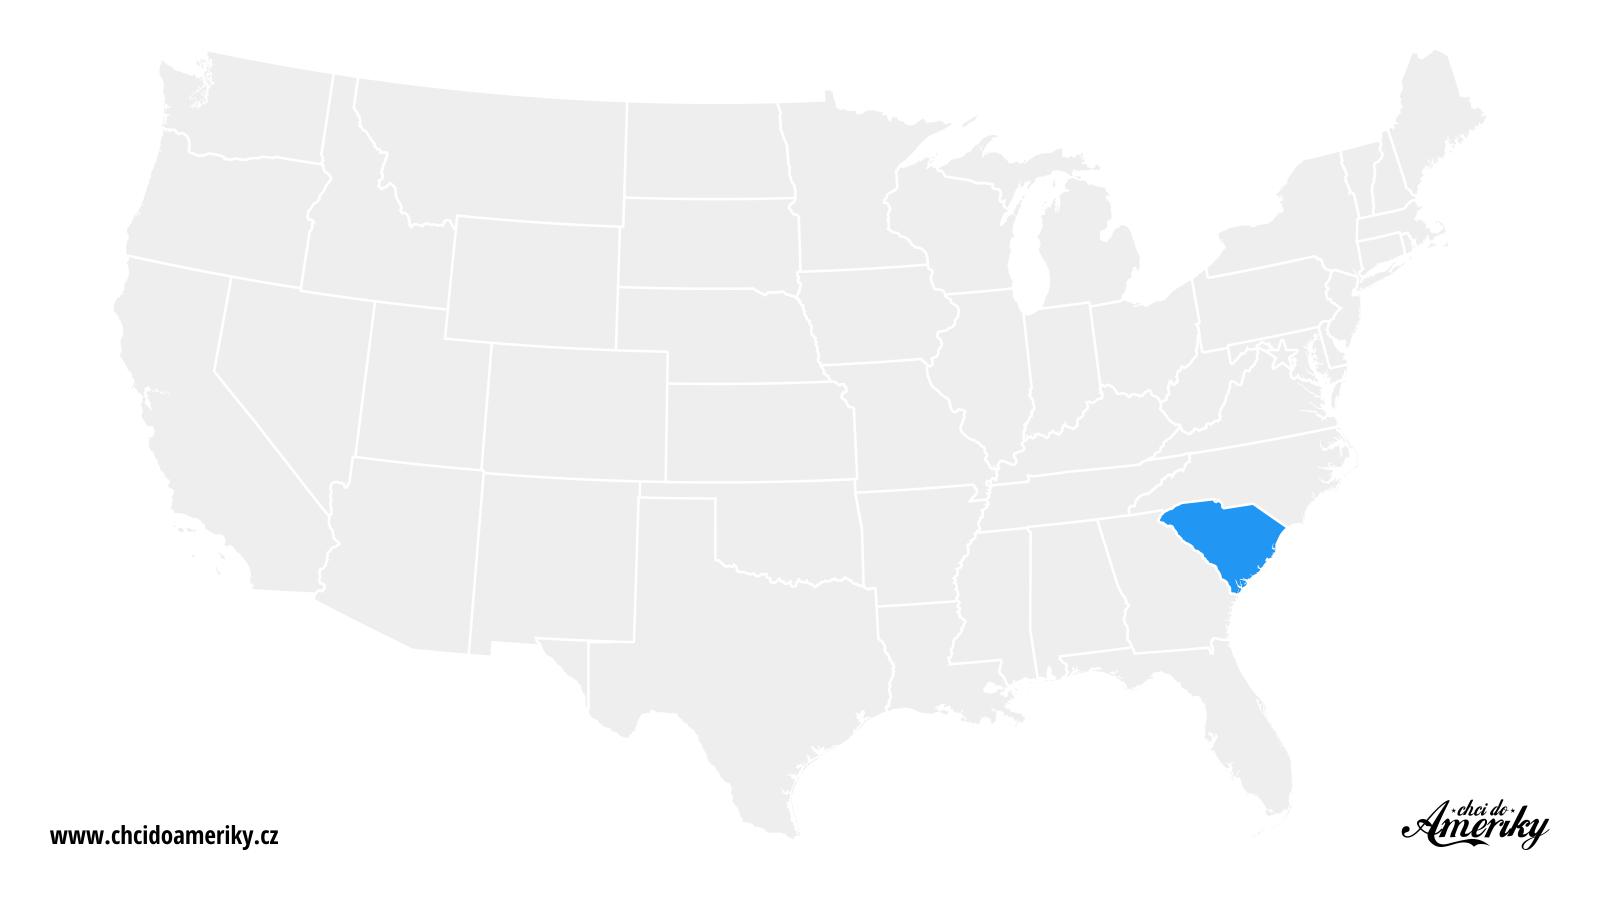 Mapa Jižní Karolíny / Kde je Jižní Karolína?